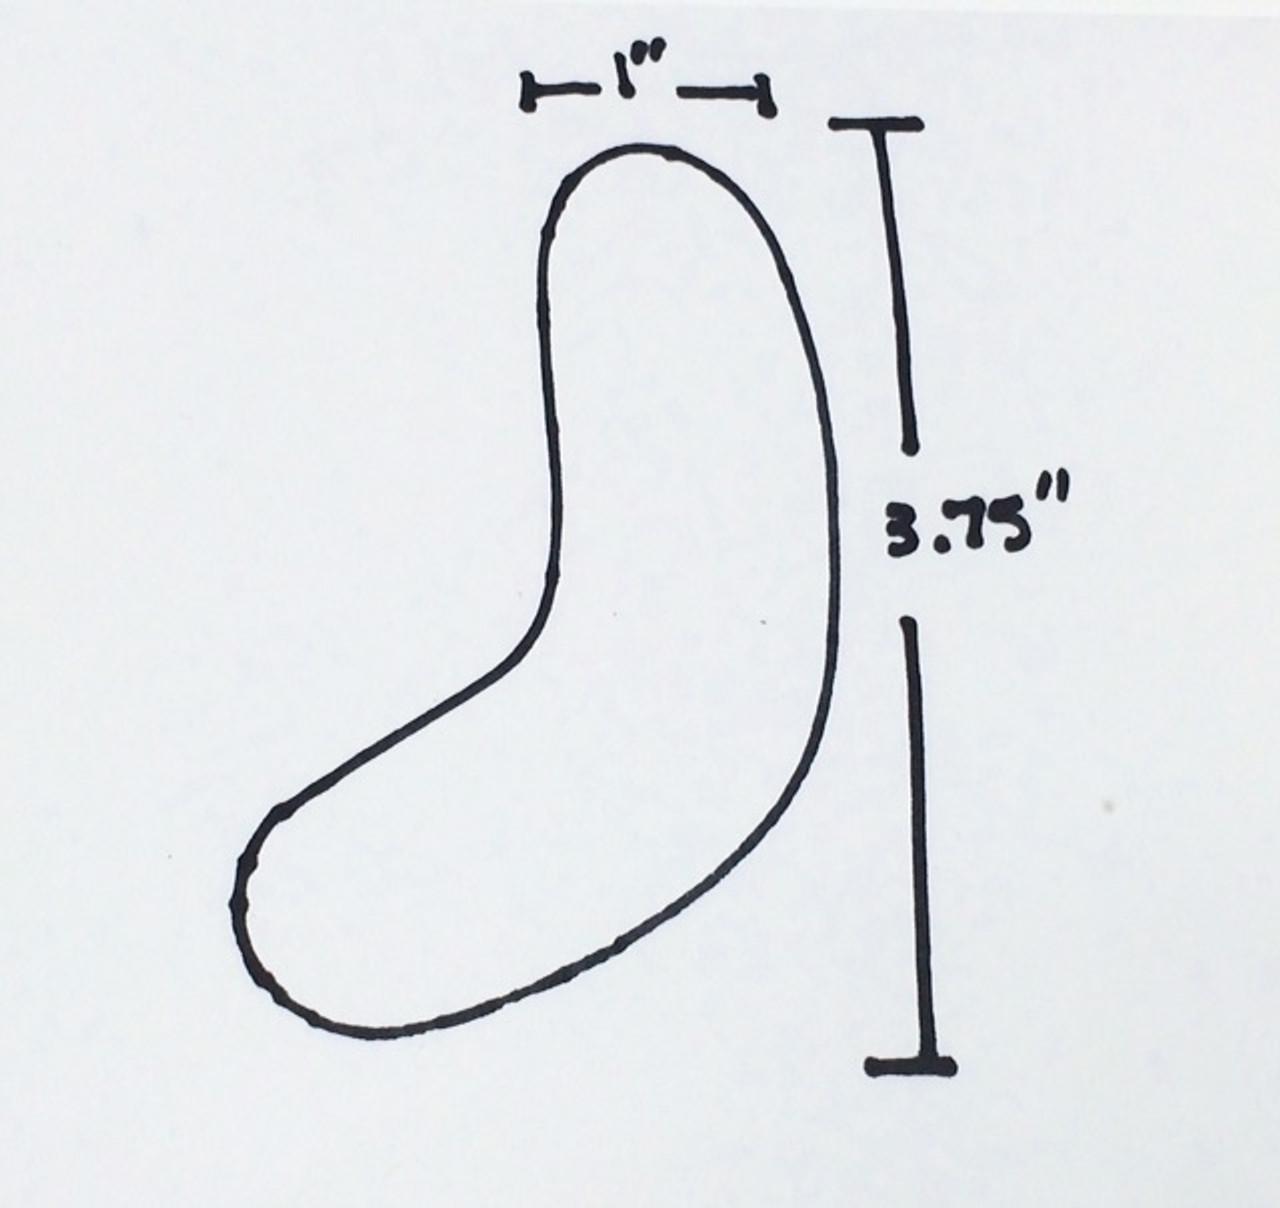 Ski Boot Foam L-Pad Dimensions